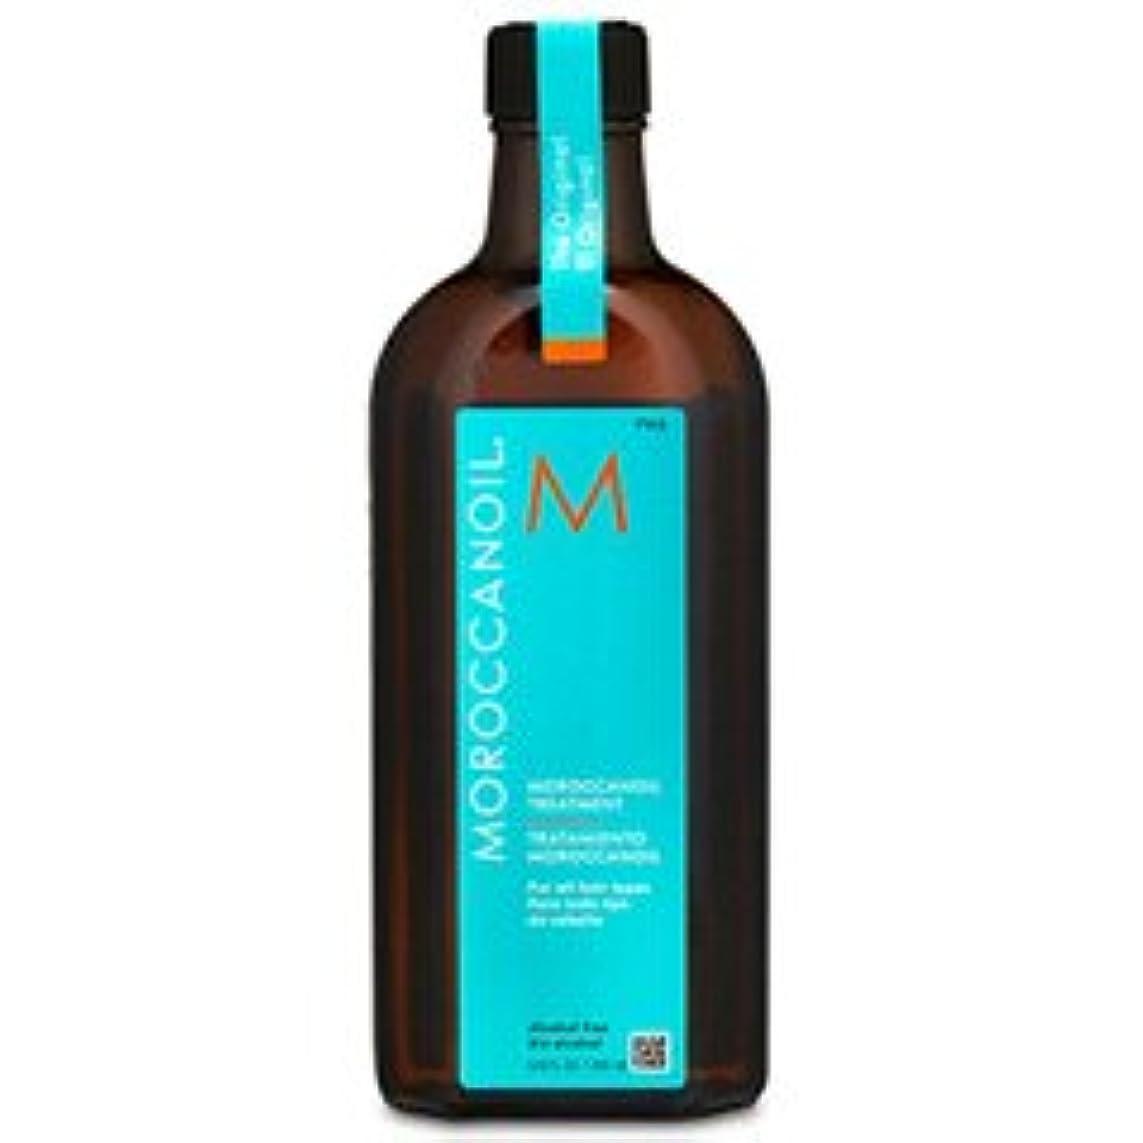 黄ばむ冷蔵庫サンダースモロッカンオイル(MOROCCANOIL) モロッカンオイル オイルトリートメント 200ml [海外直送品] [並行輸入品]